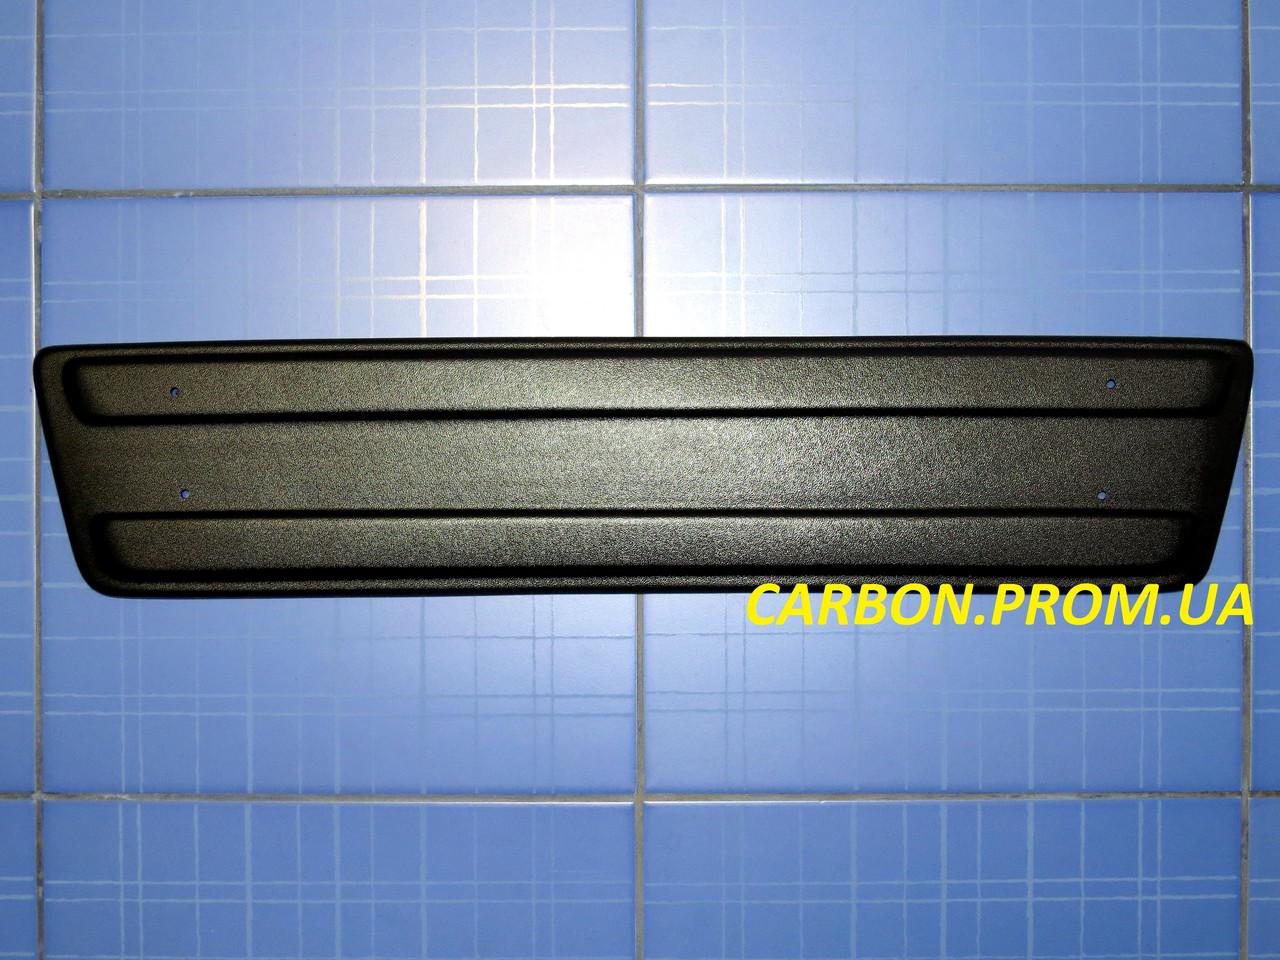 Зимняя заглушка решётки радиатора Рено Трафик Опель Виваро низ 2001-2006 матовая Fly.Утеплитель Renault Trafic